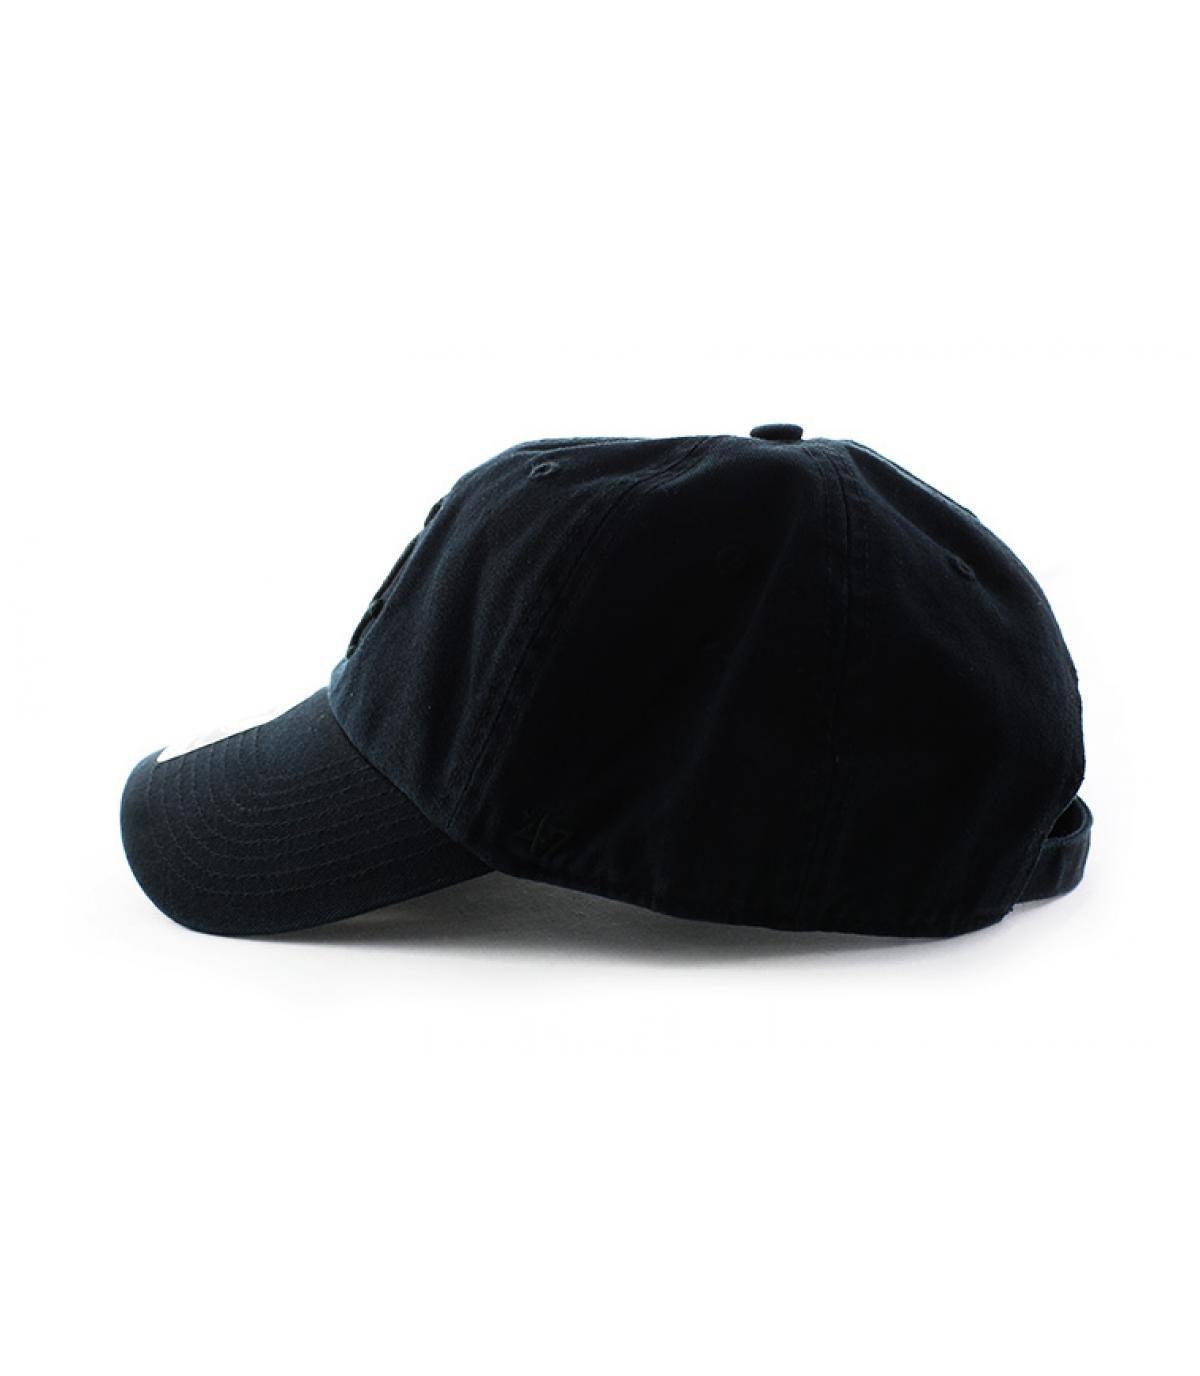 Détails Casquette Clean Up Sox all black - image 4